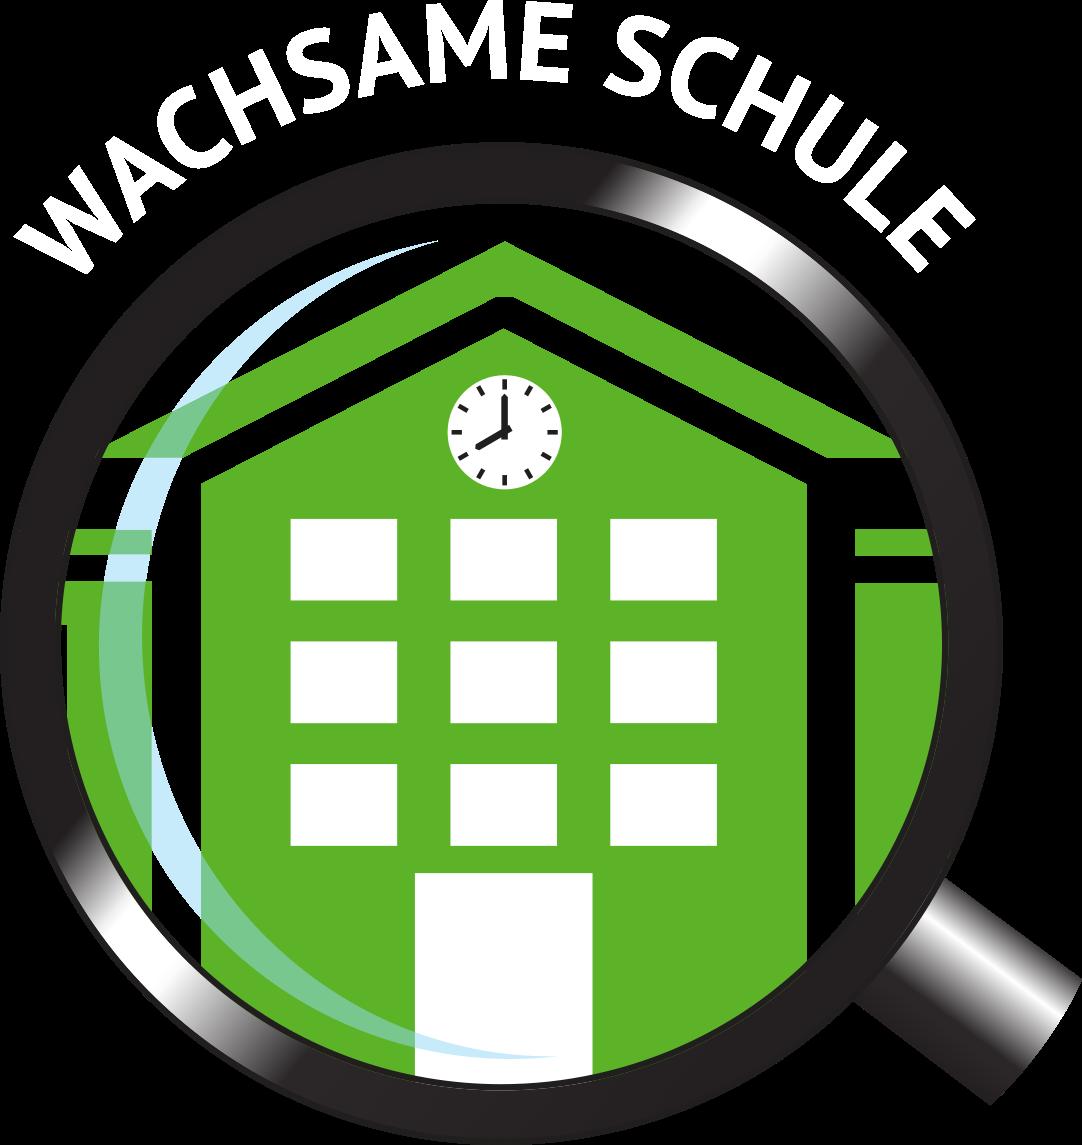 Logo_Wachsame_Schule_Schrift_Weiss_Fenster_Hell